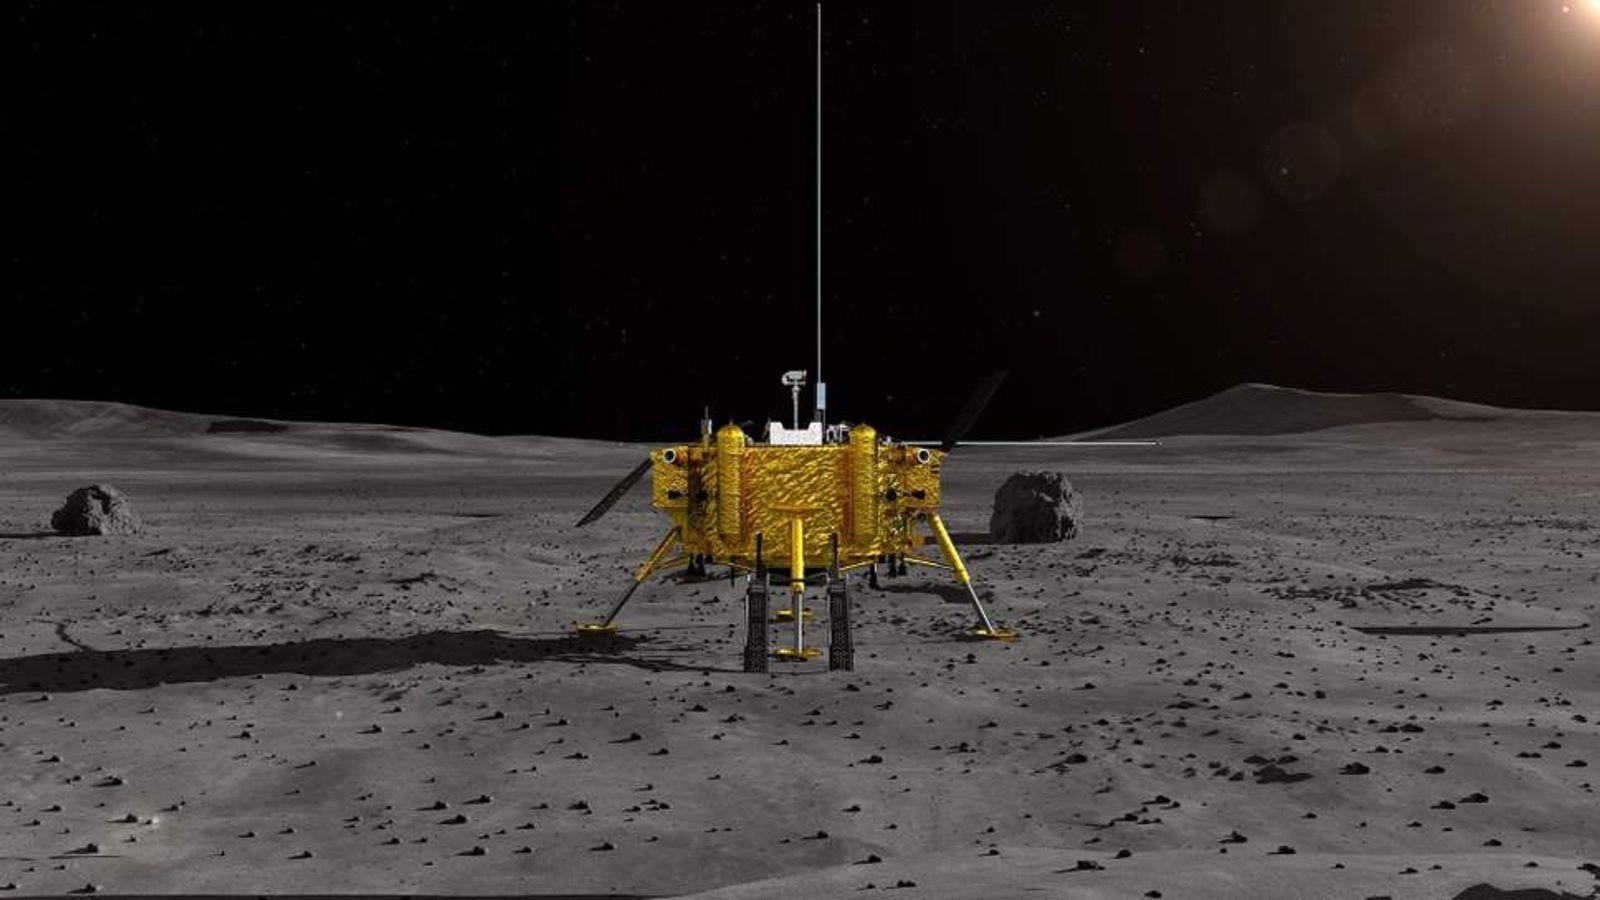 Vue d'artiste de l'Administration spatiale nationale chinoise (CNSA) montrant la sonde lunaire chinoise Chang'e-4. Le vaisseau ...